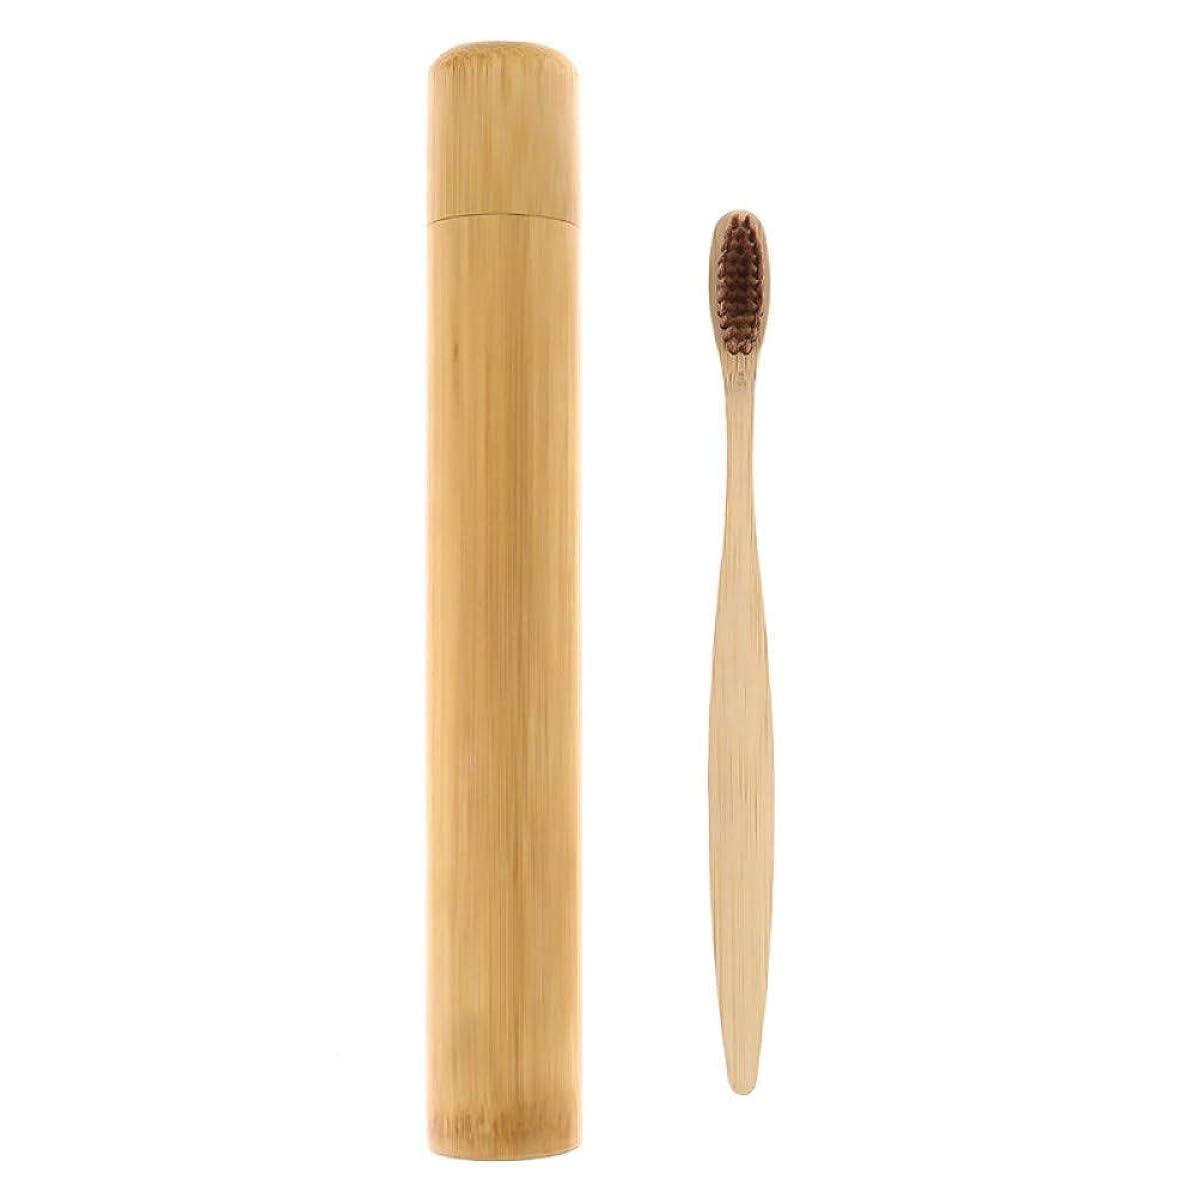 竹の歯ブラシフレンドリーな柔らかい毛竹繊維木製ハンドル竹歯ブラシチューブポータブルオーラルケアセット、